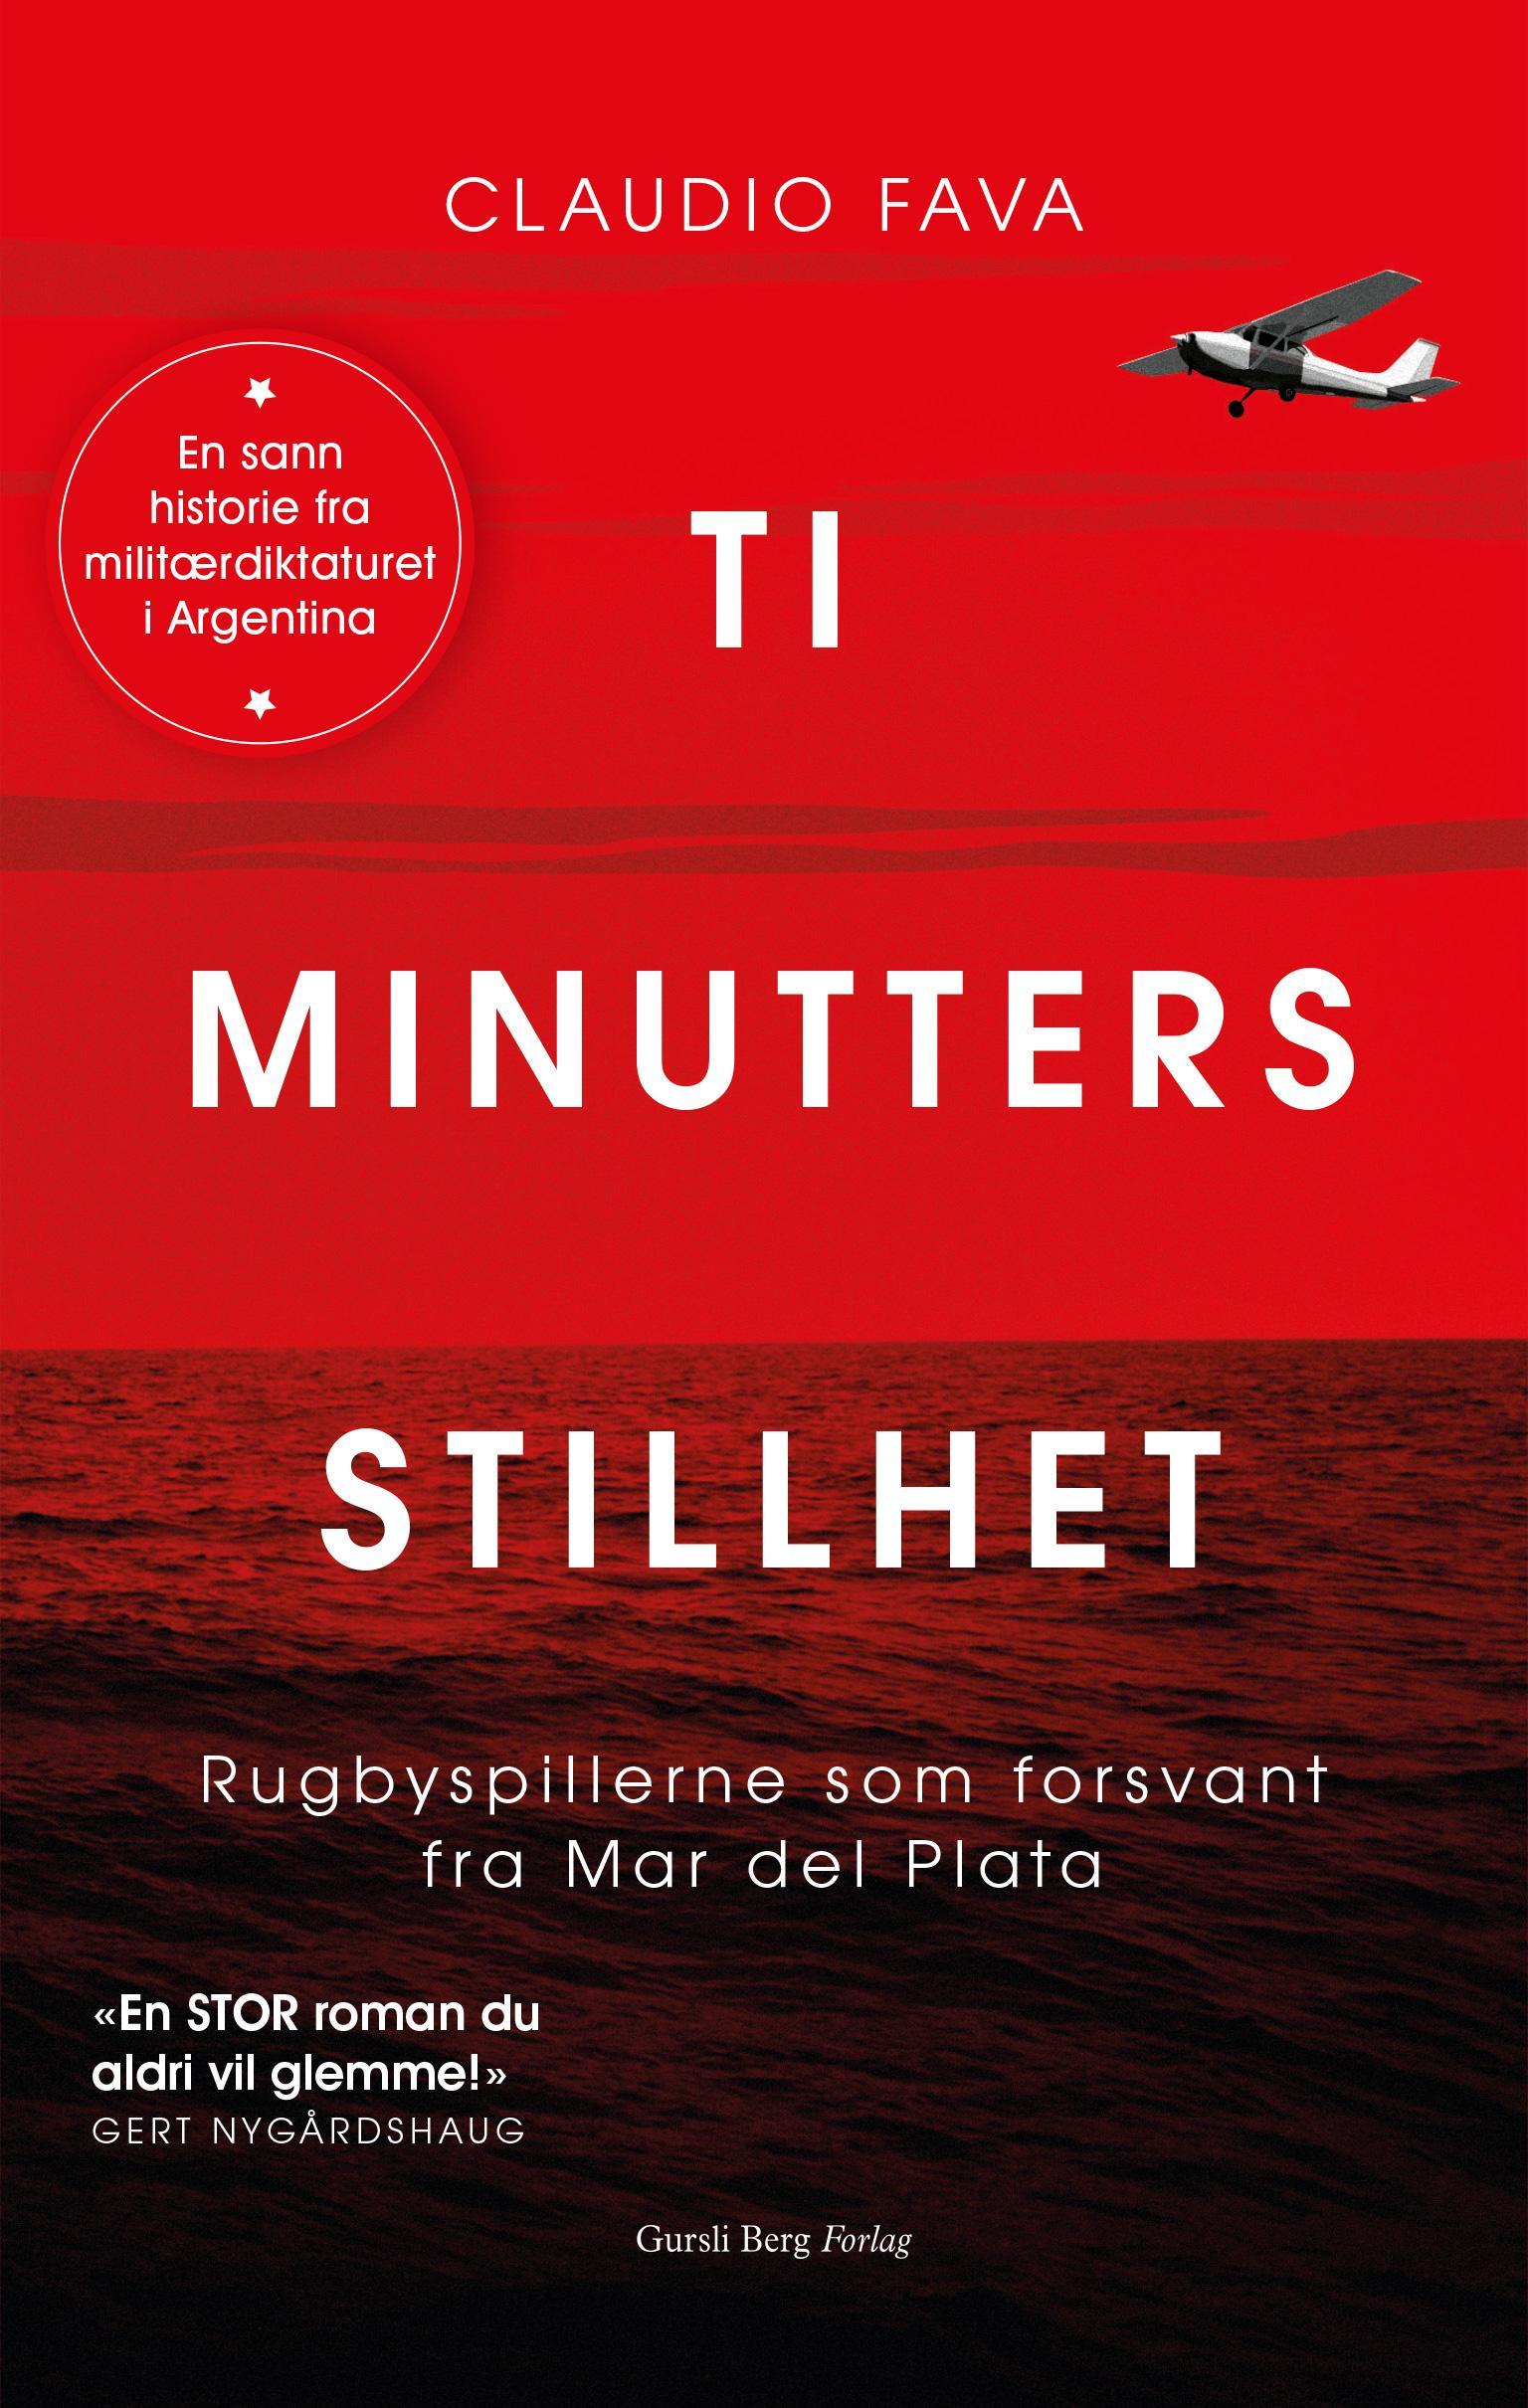 """""""Ti minutters stillhet - rugbyspillerne som forsvant fra Mar del Plata"""" av Claudio Fava"""